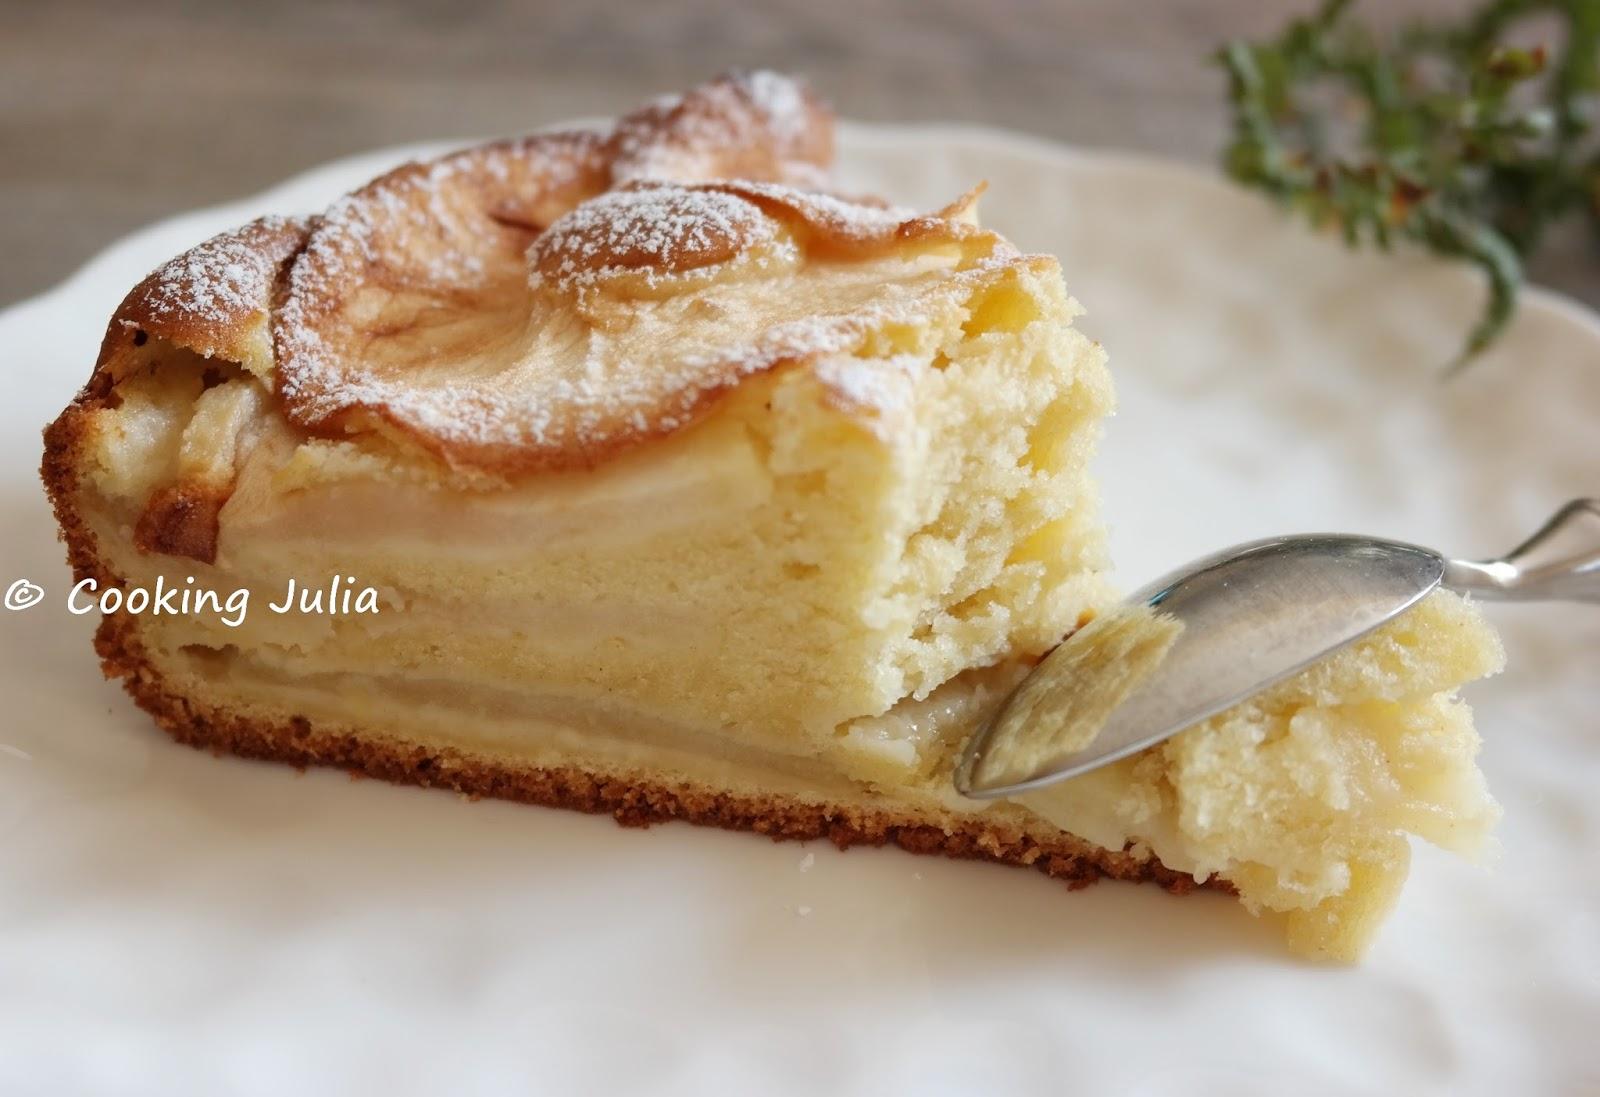 Cooking julia moelleux pommes mascarpone - Mon thermomix ne pese plus ...